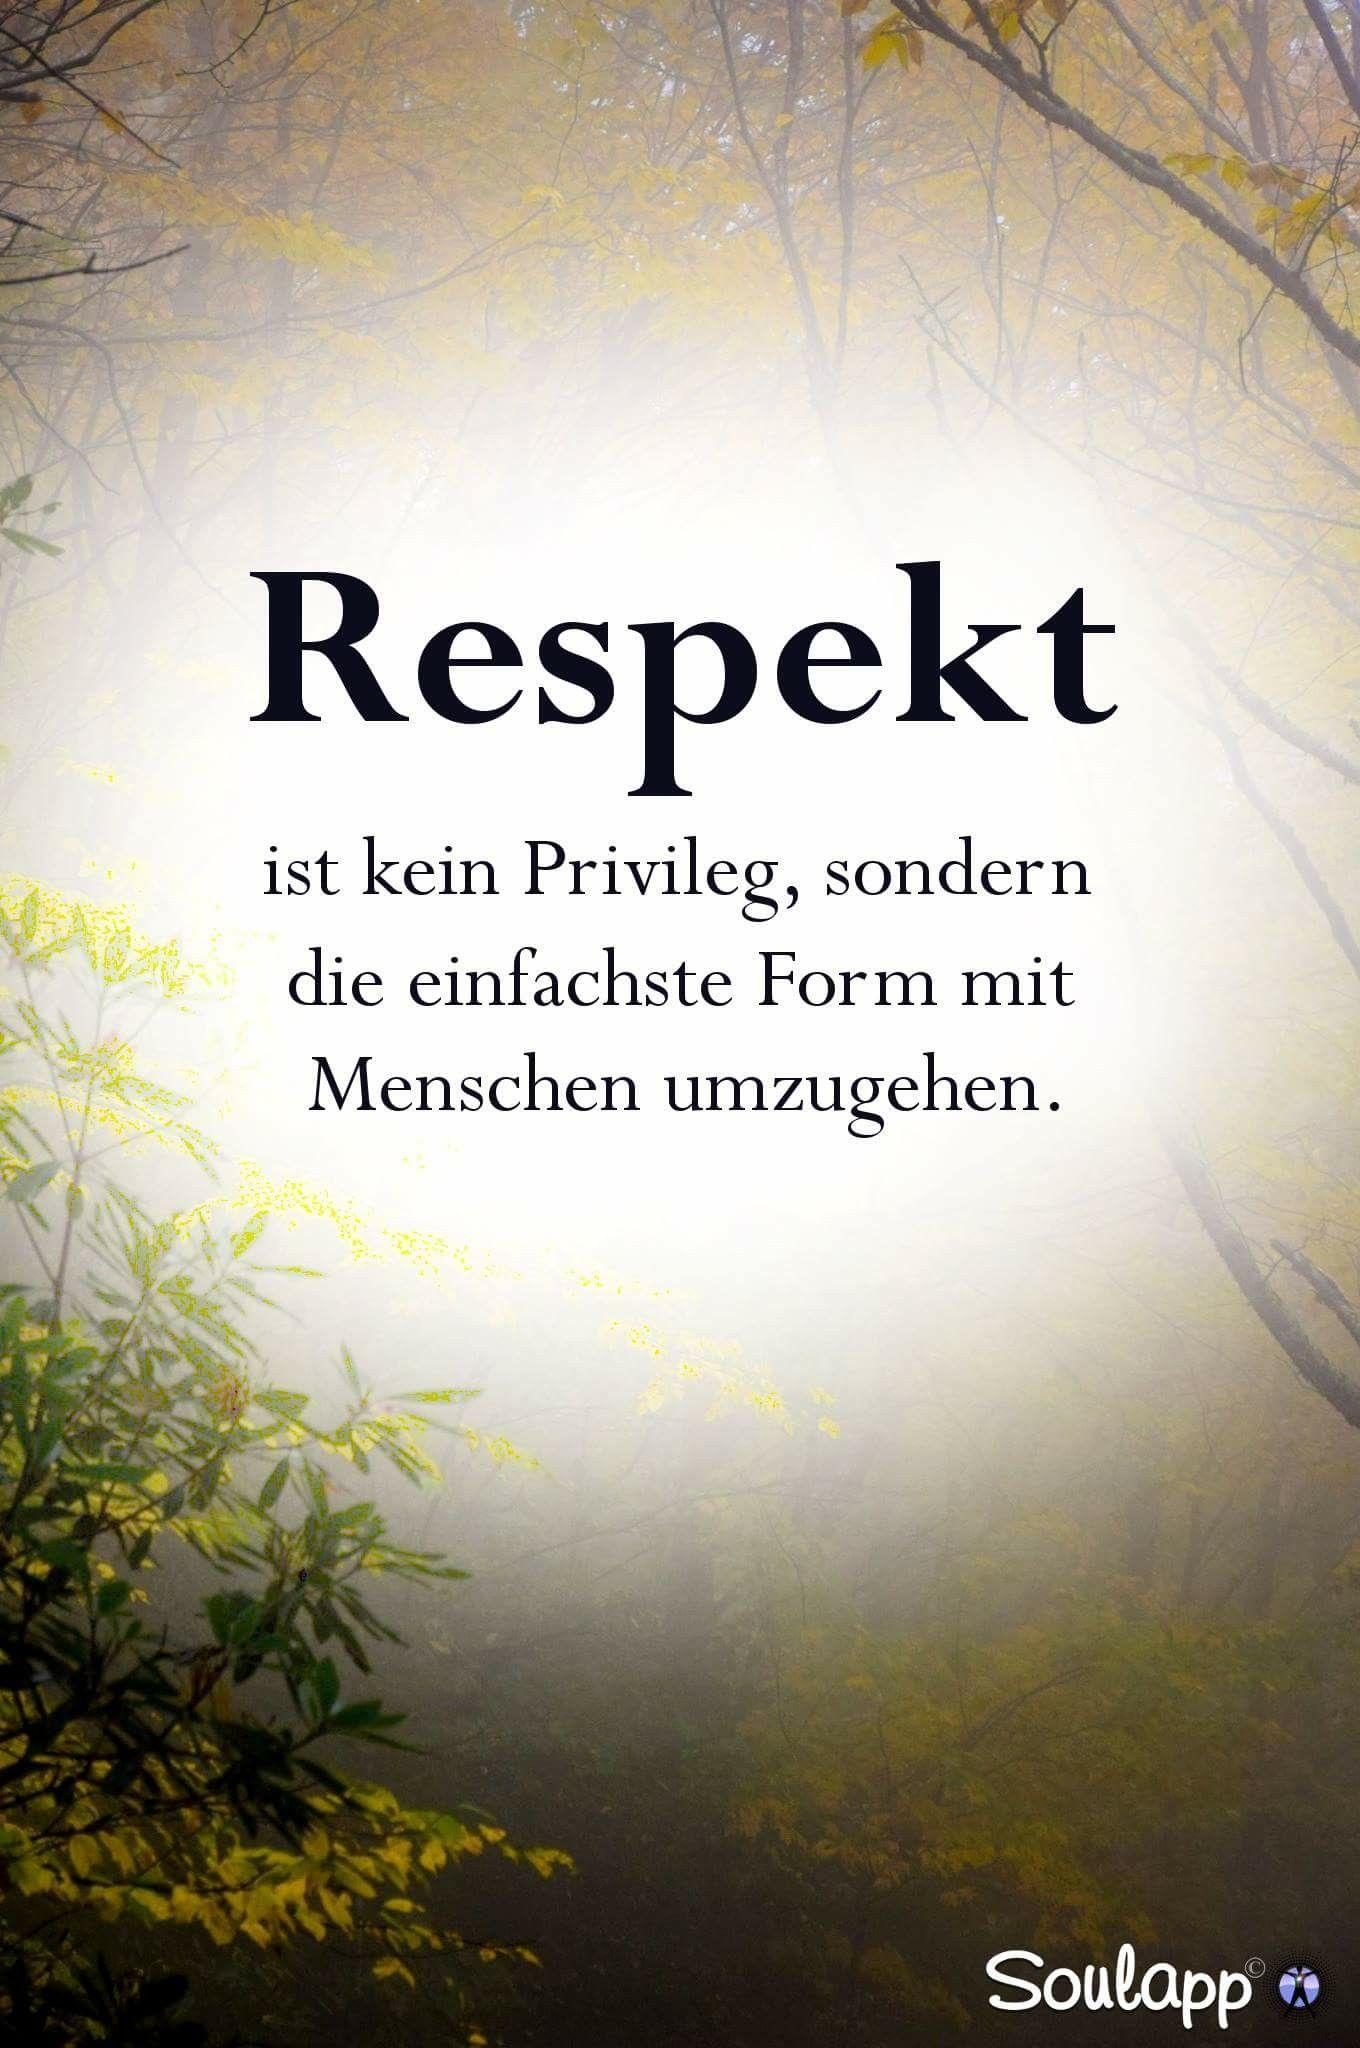 Respekt Ehrlichkeit Und Vertrauen Denn Was Nützt Einem